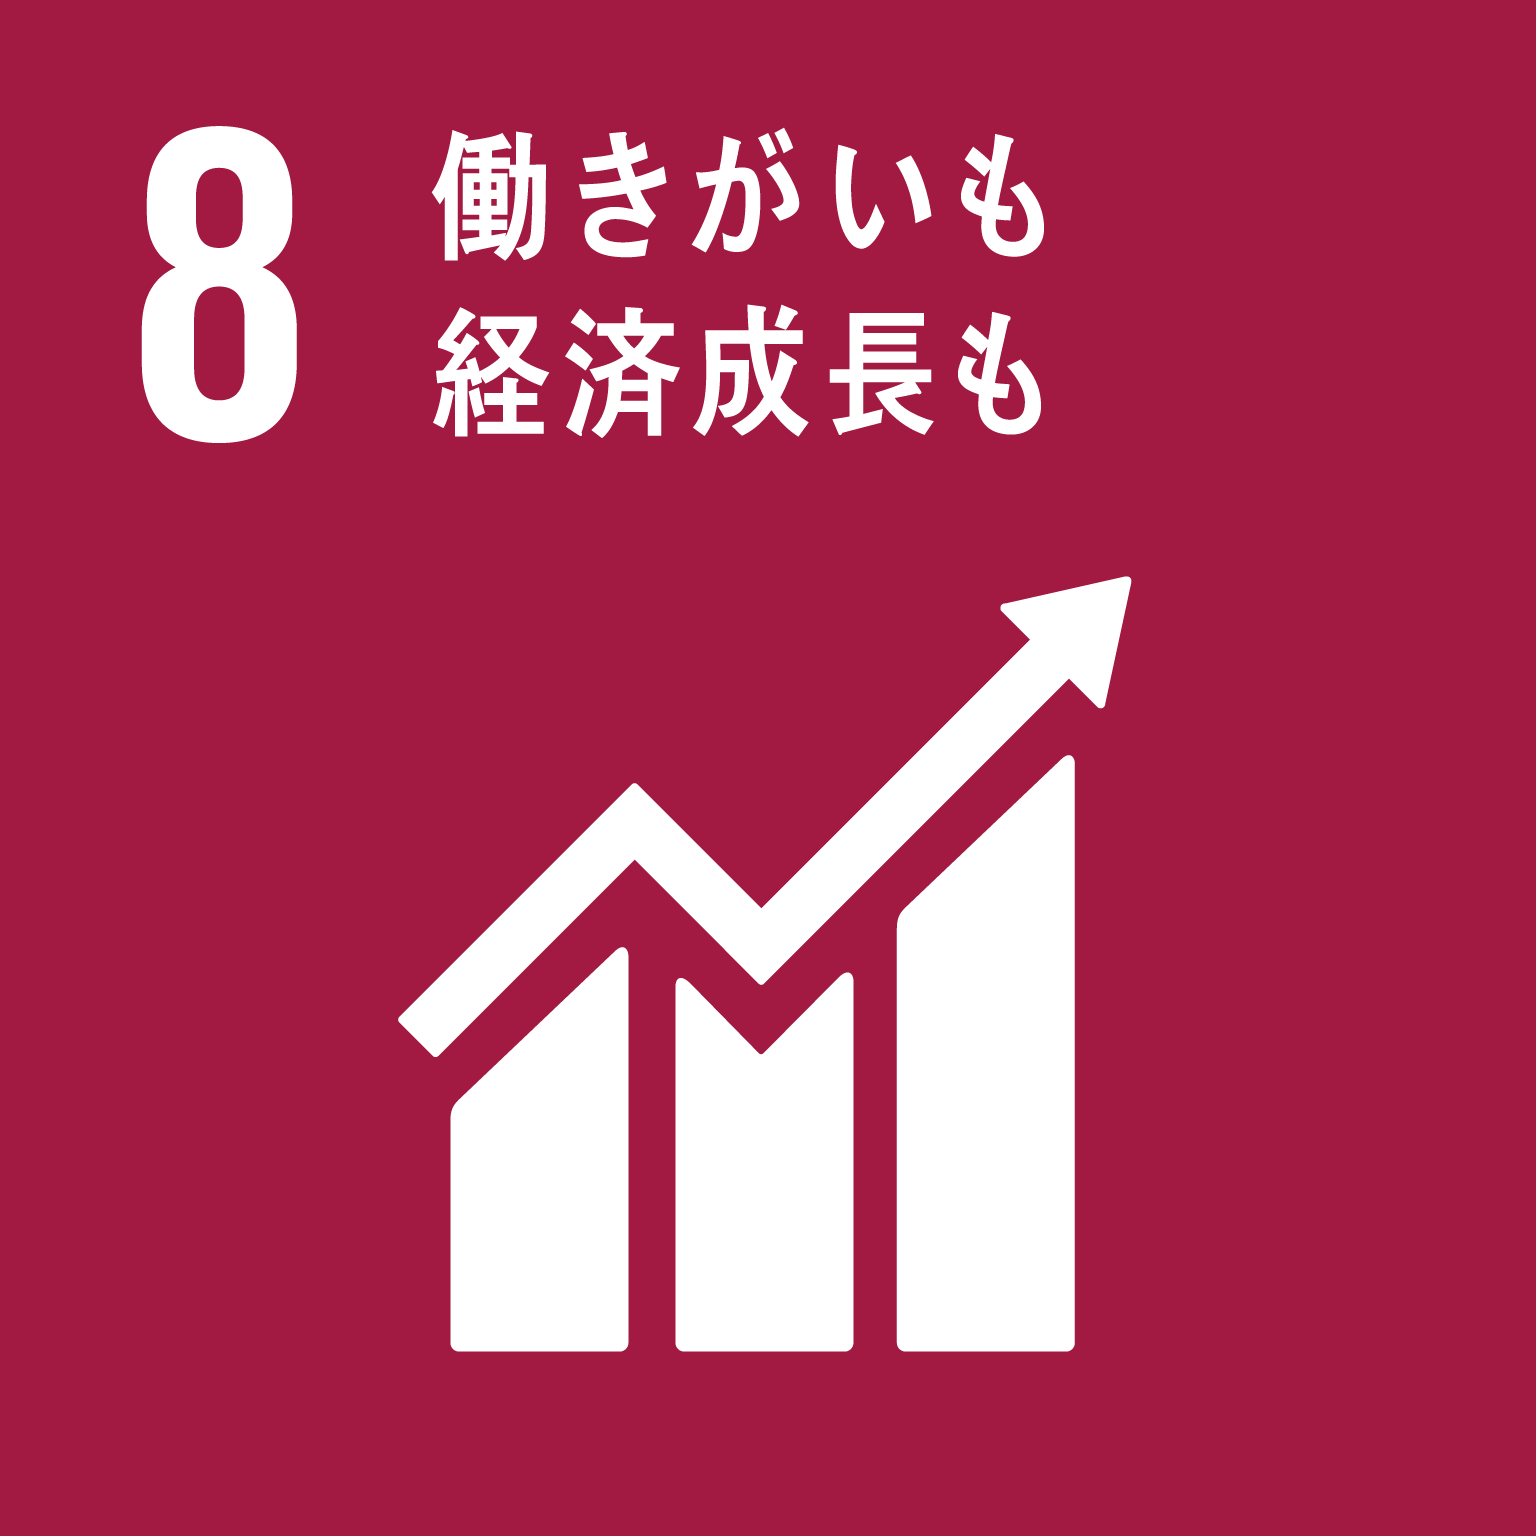 SDGs 経済成長